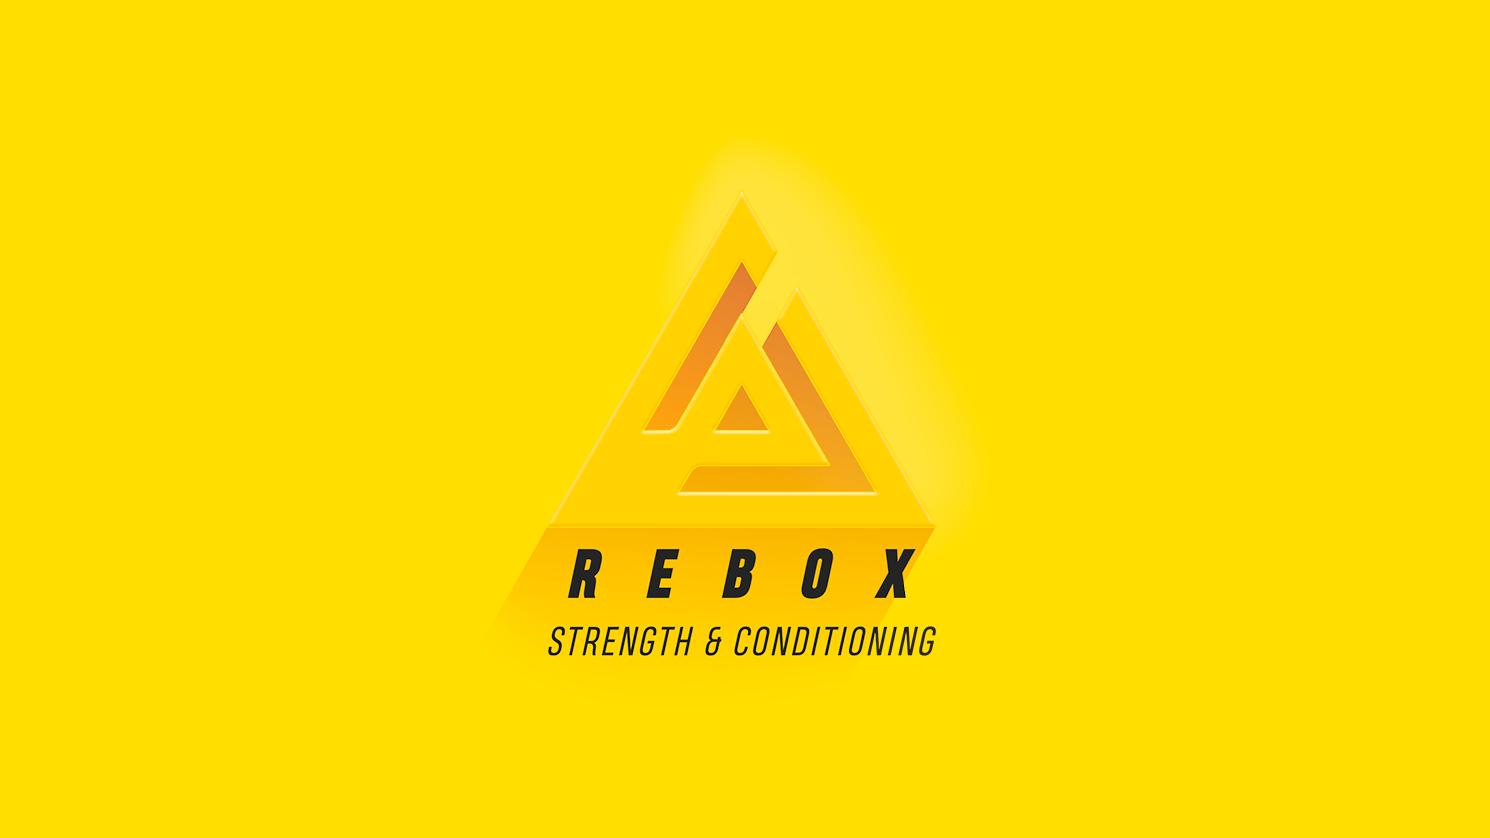 Rebox